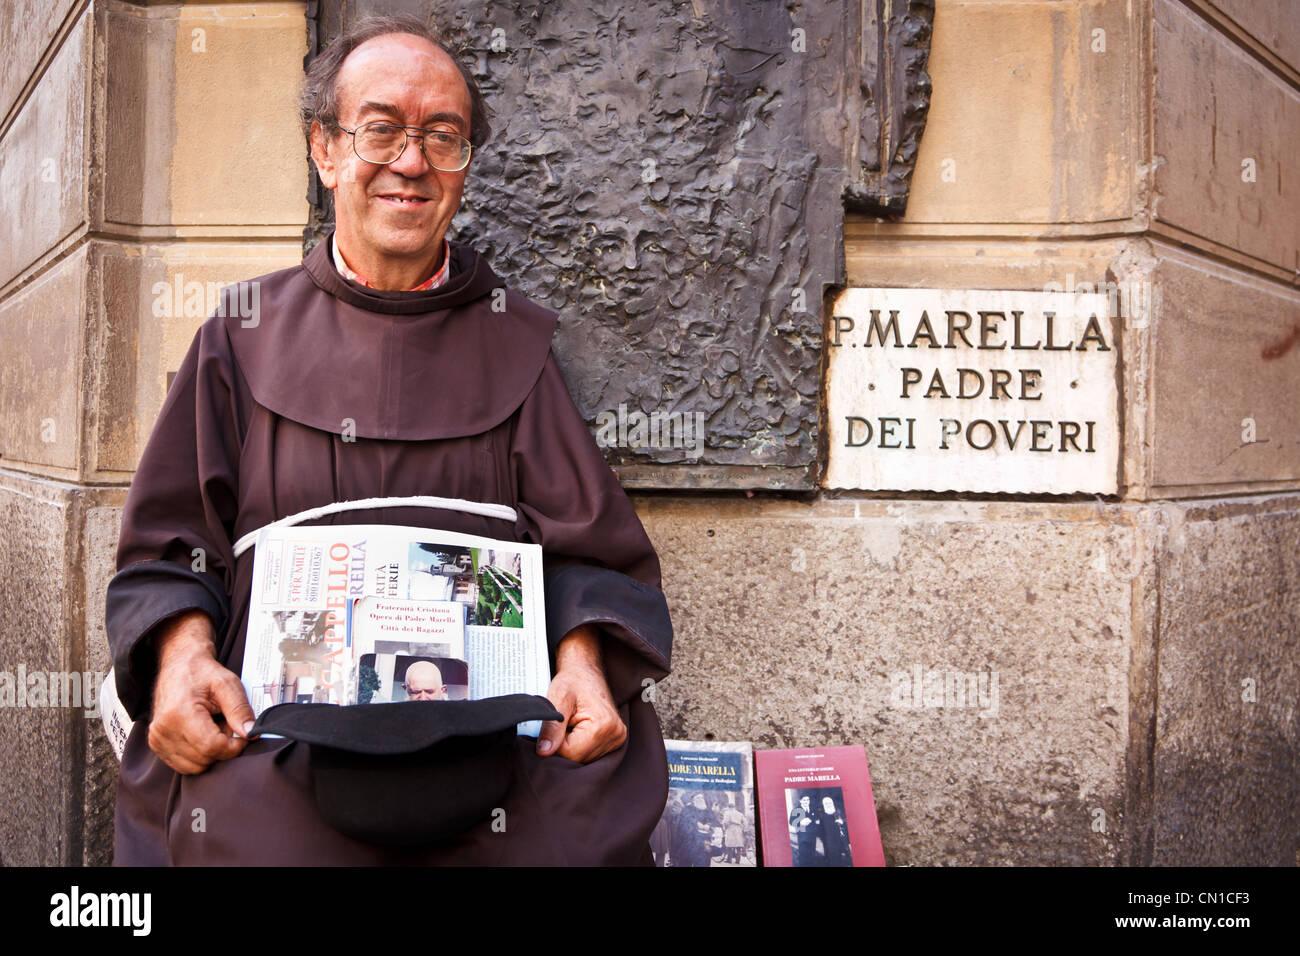 Un uomo vestito come un monaco di onorare il santo italiano Padre Pio, Bologna Immagini Stock